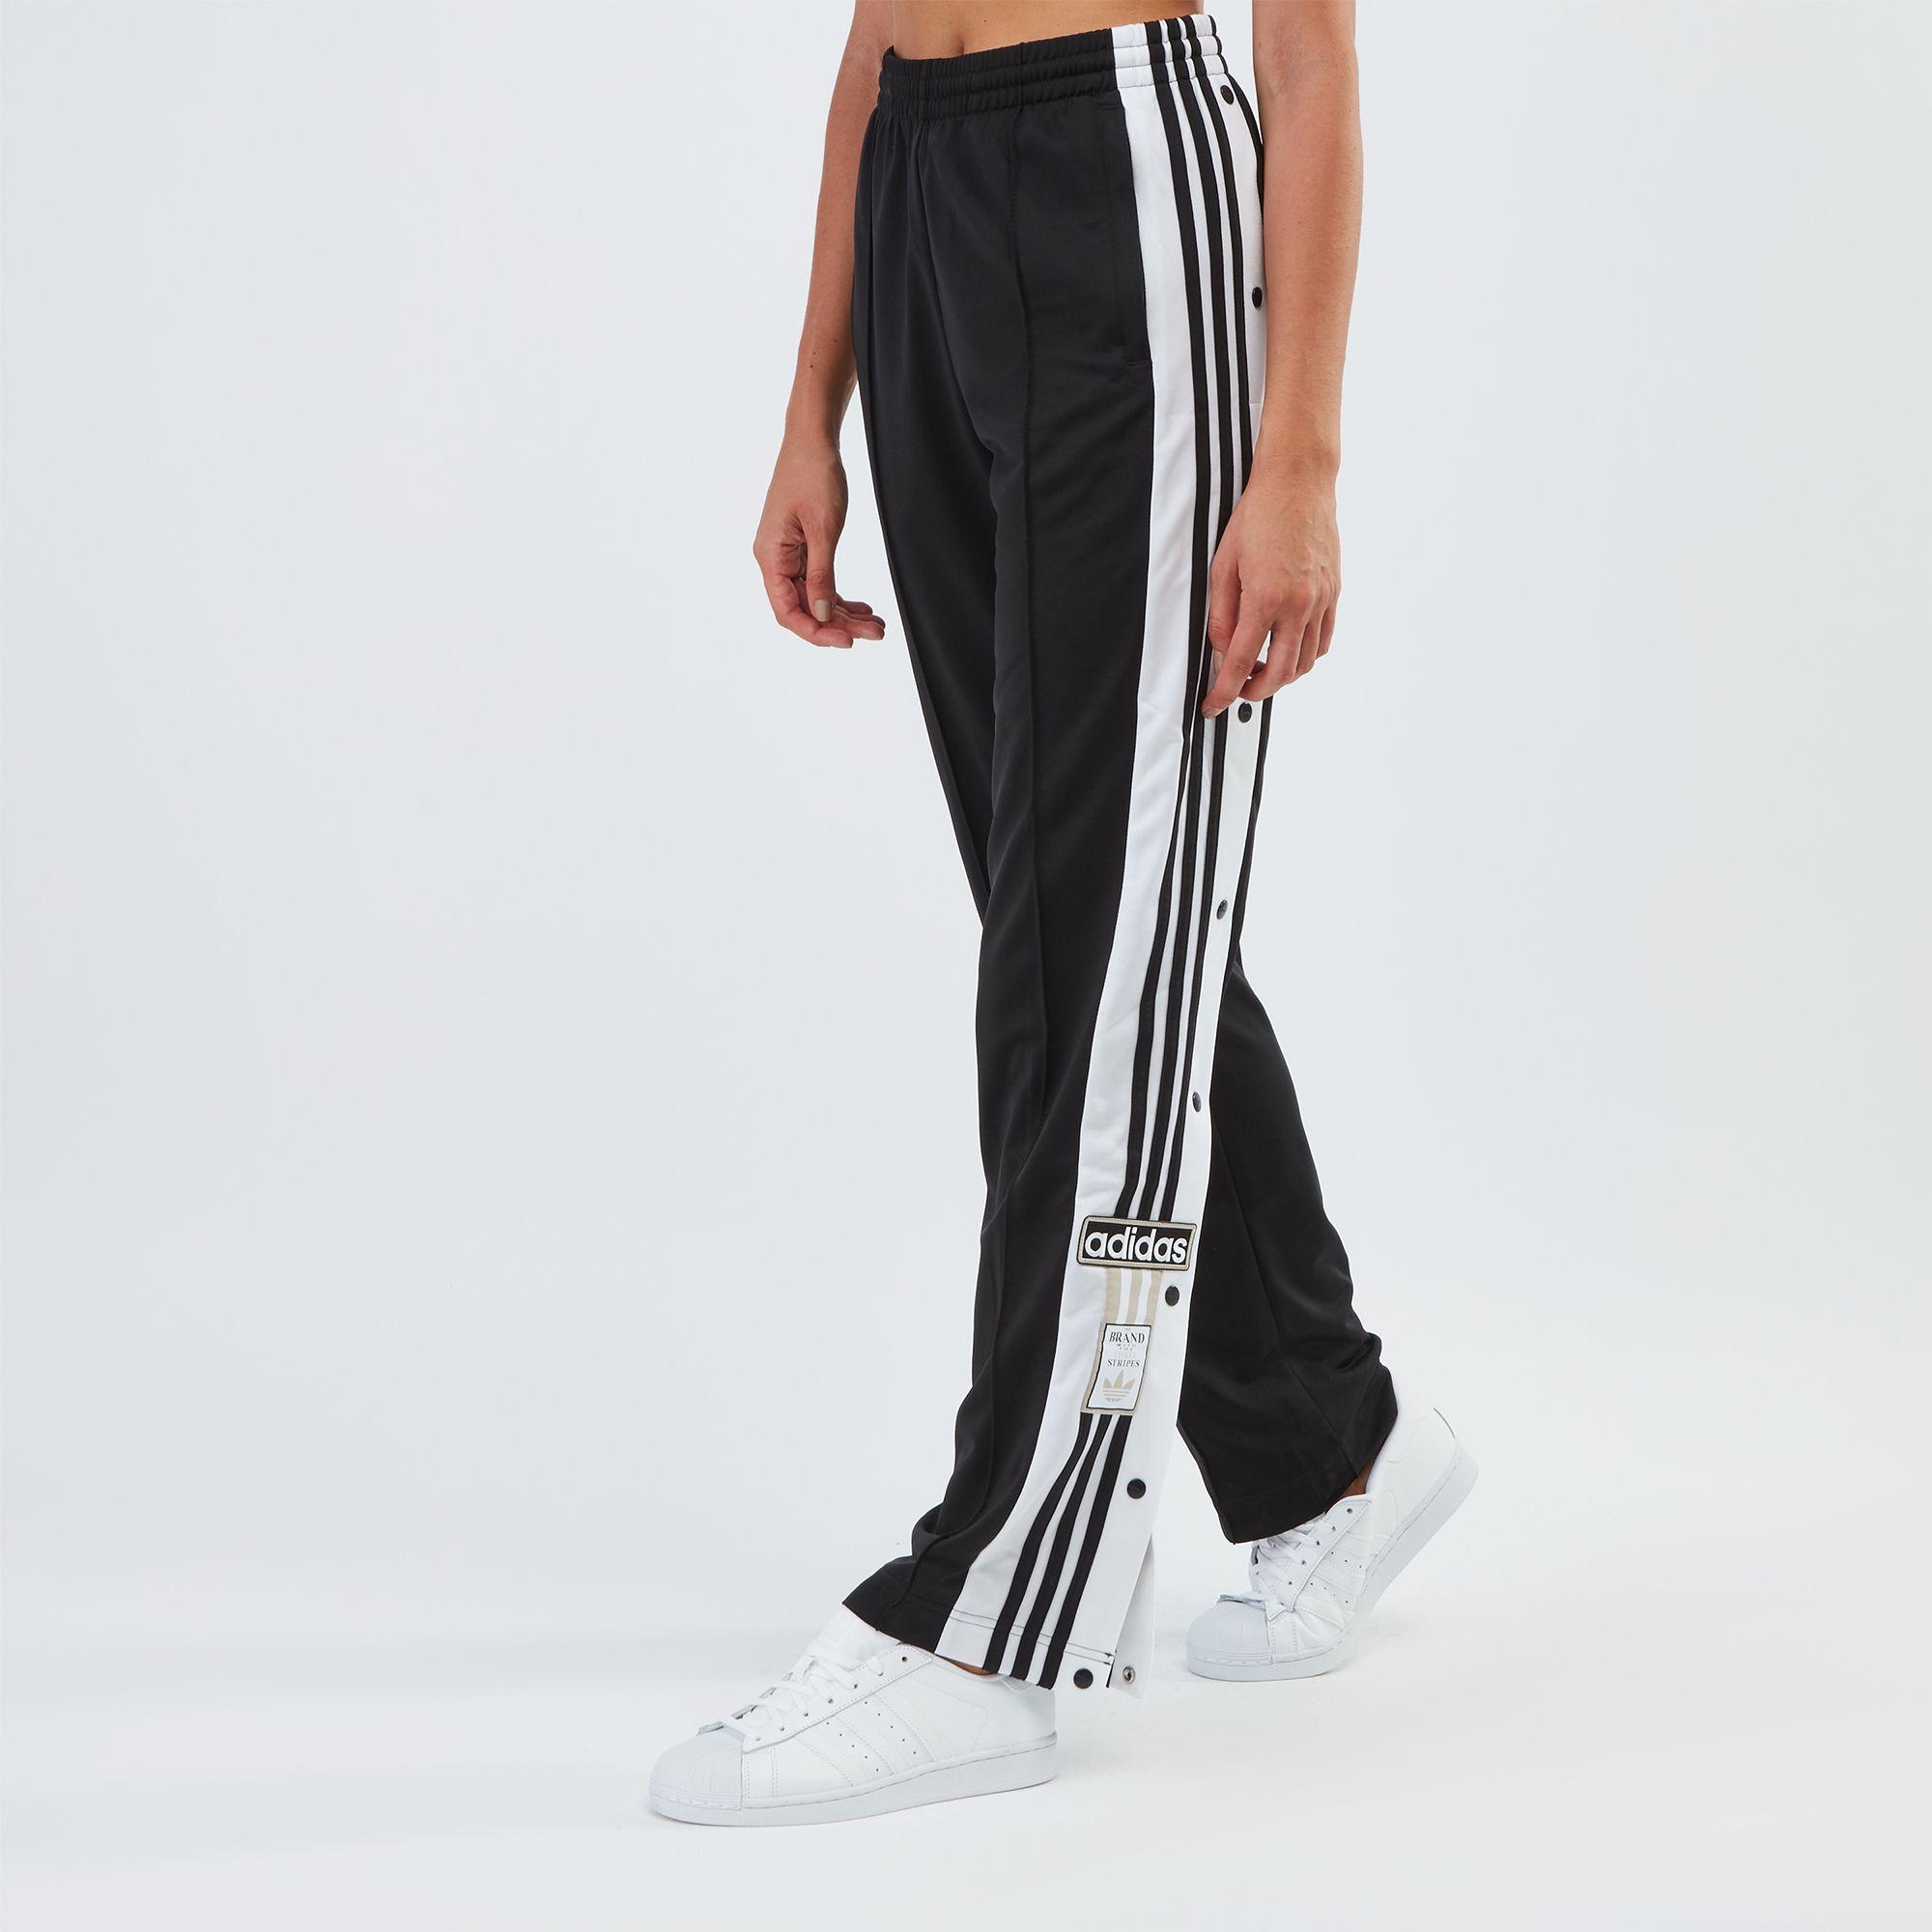 c12268d74ea Shop adidas Originals adibreak Track Pants